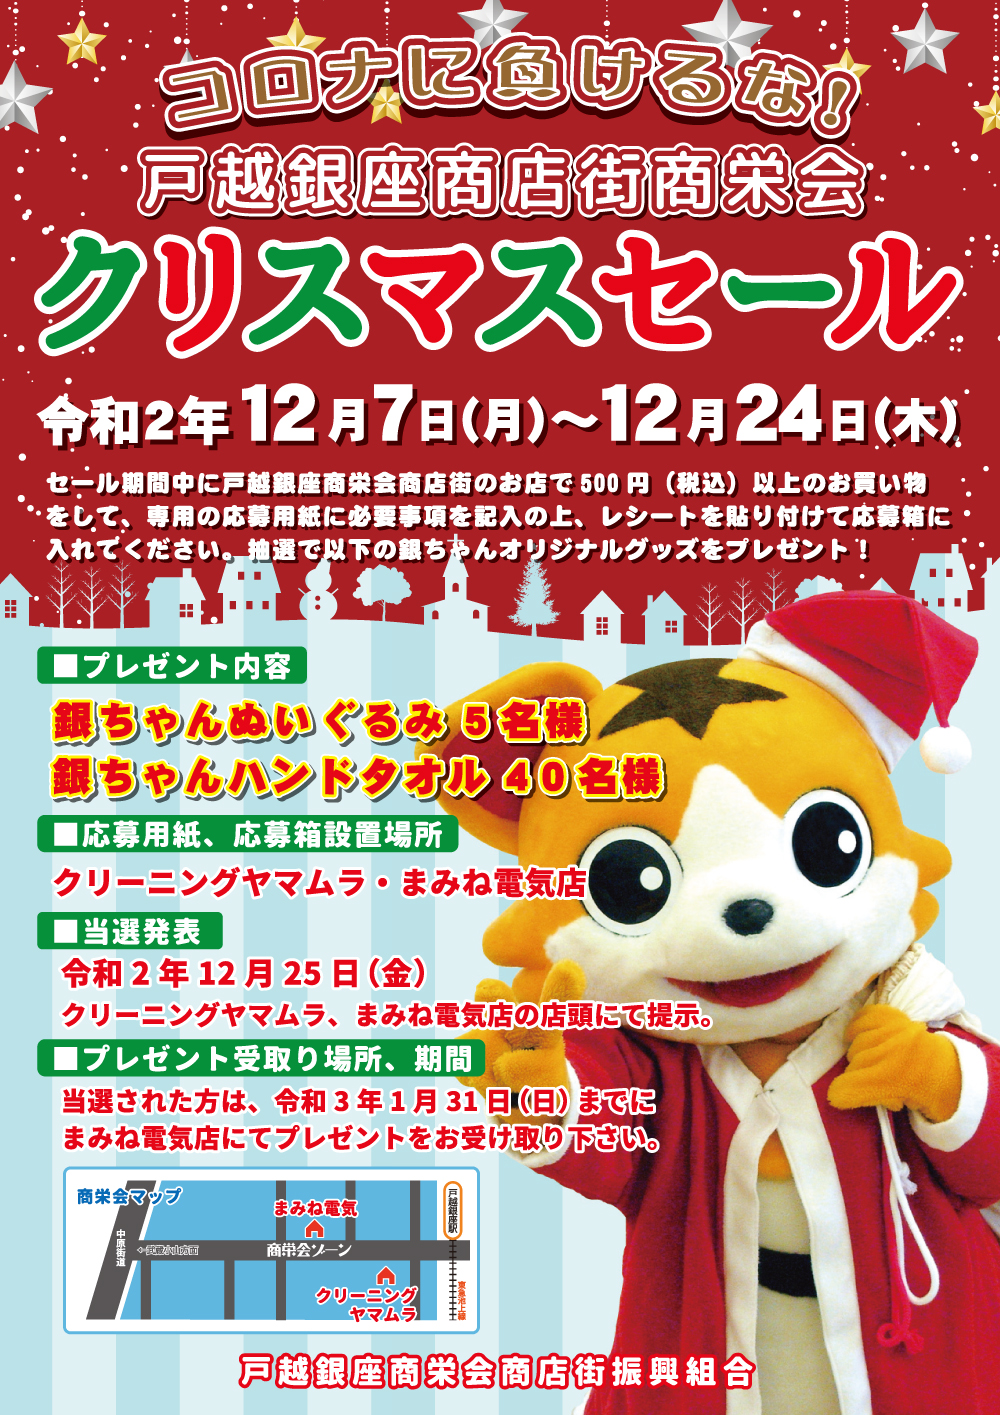 12月7日(月)~24日(木)「コロナに負けるな!クリスマスセール(商栄会)」開催